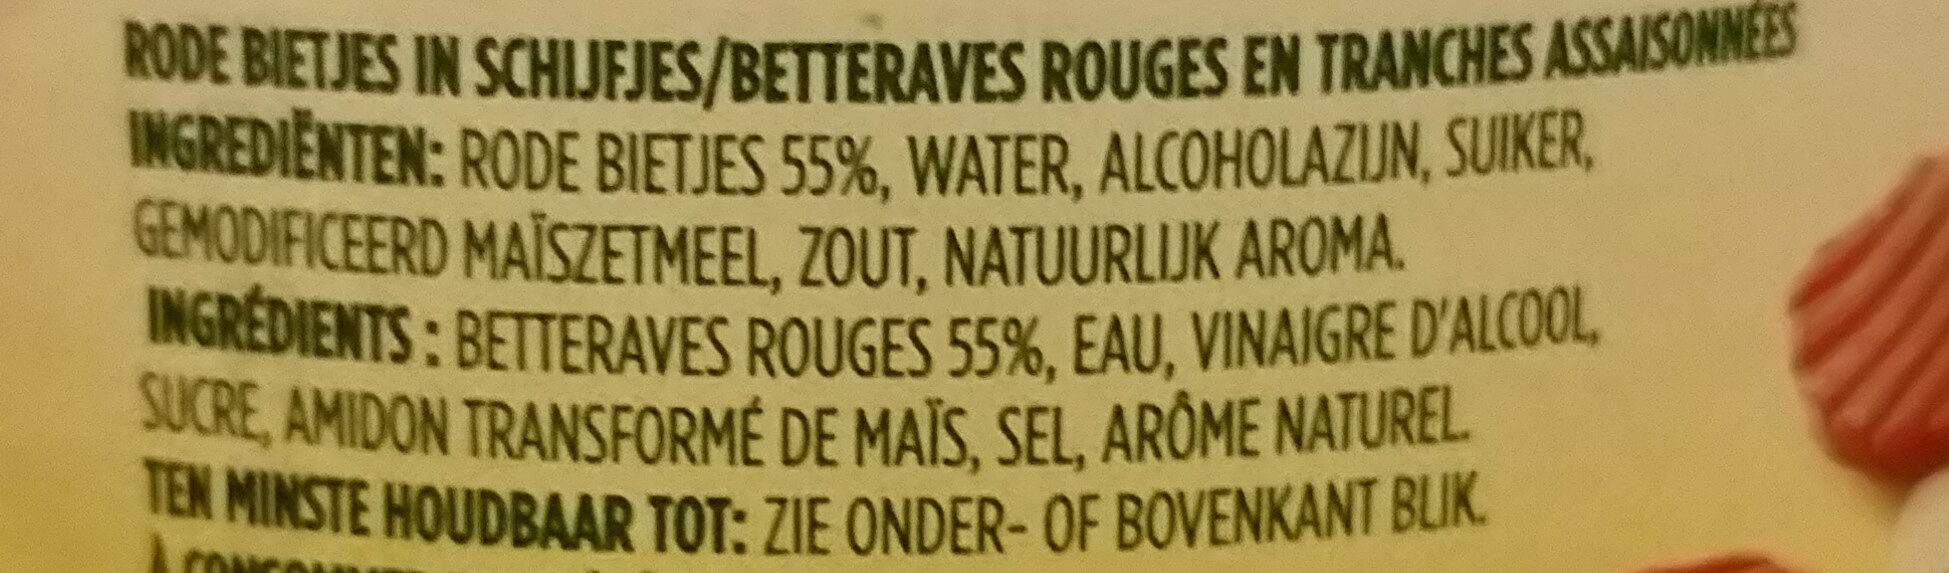 rode bietjes, schijfjes - Ingredients - nl